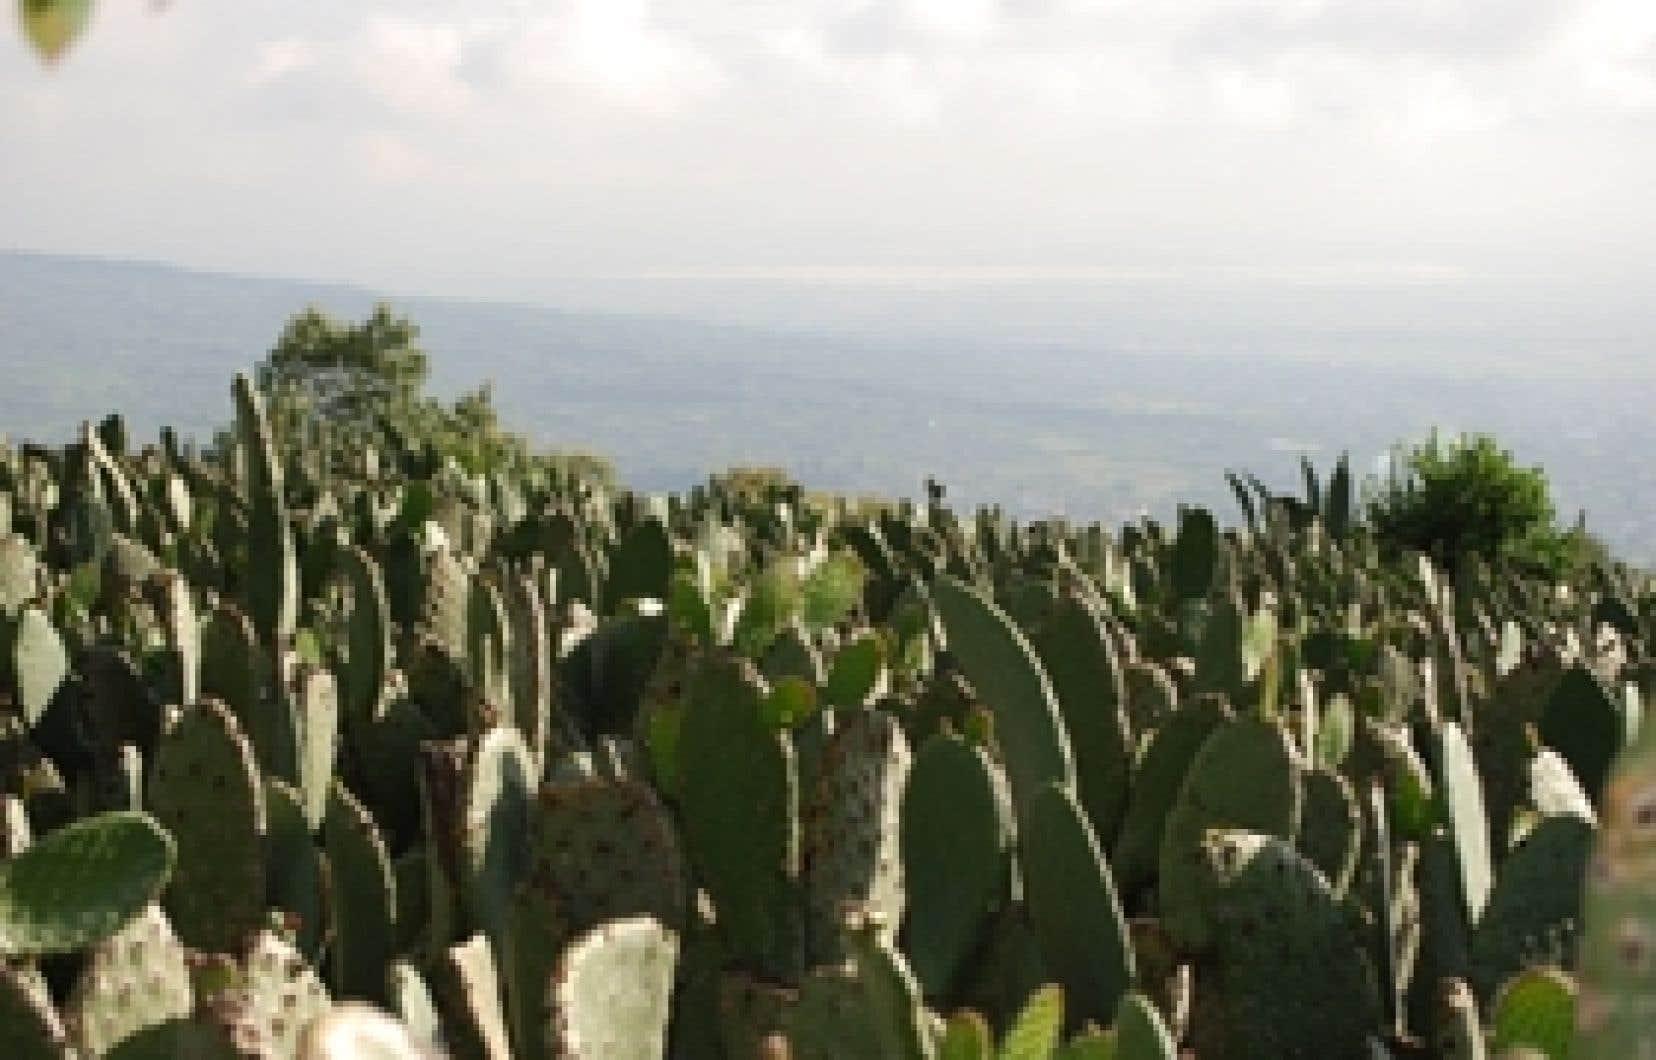 Le nopal, ce cactus aux multiples propriétés, pousse dans la région bordée de volcans de Milpa Alta, dans des champs avoisinant les 3000 mètres d'altitude.